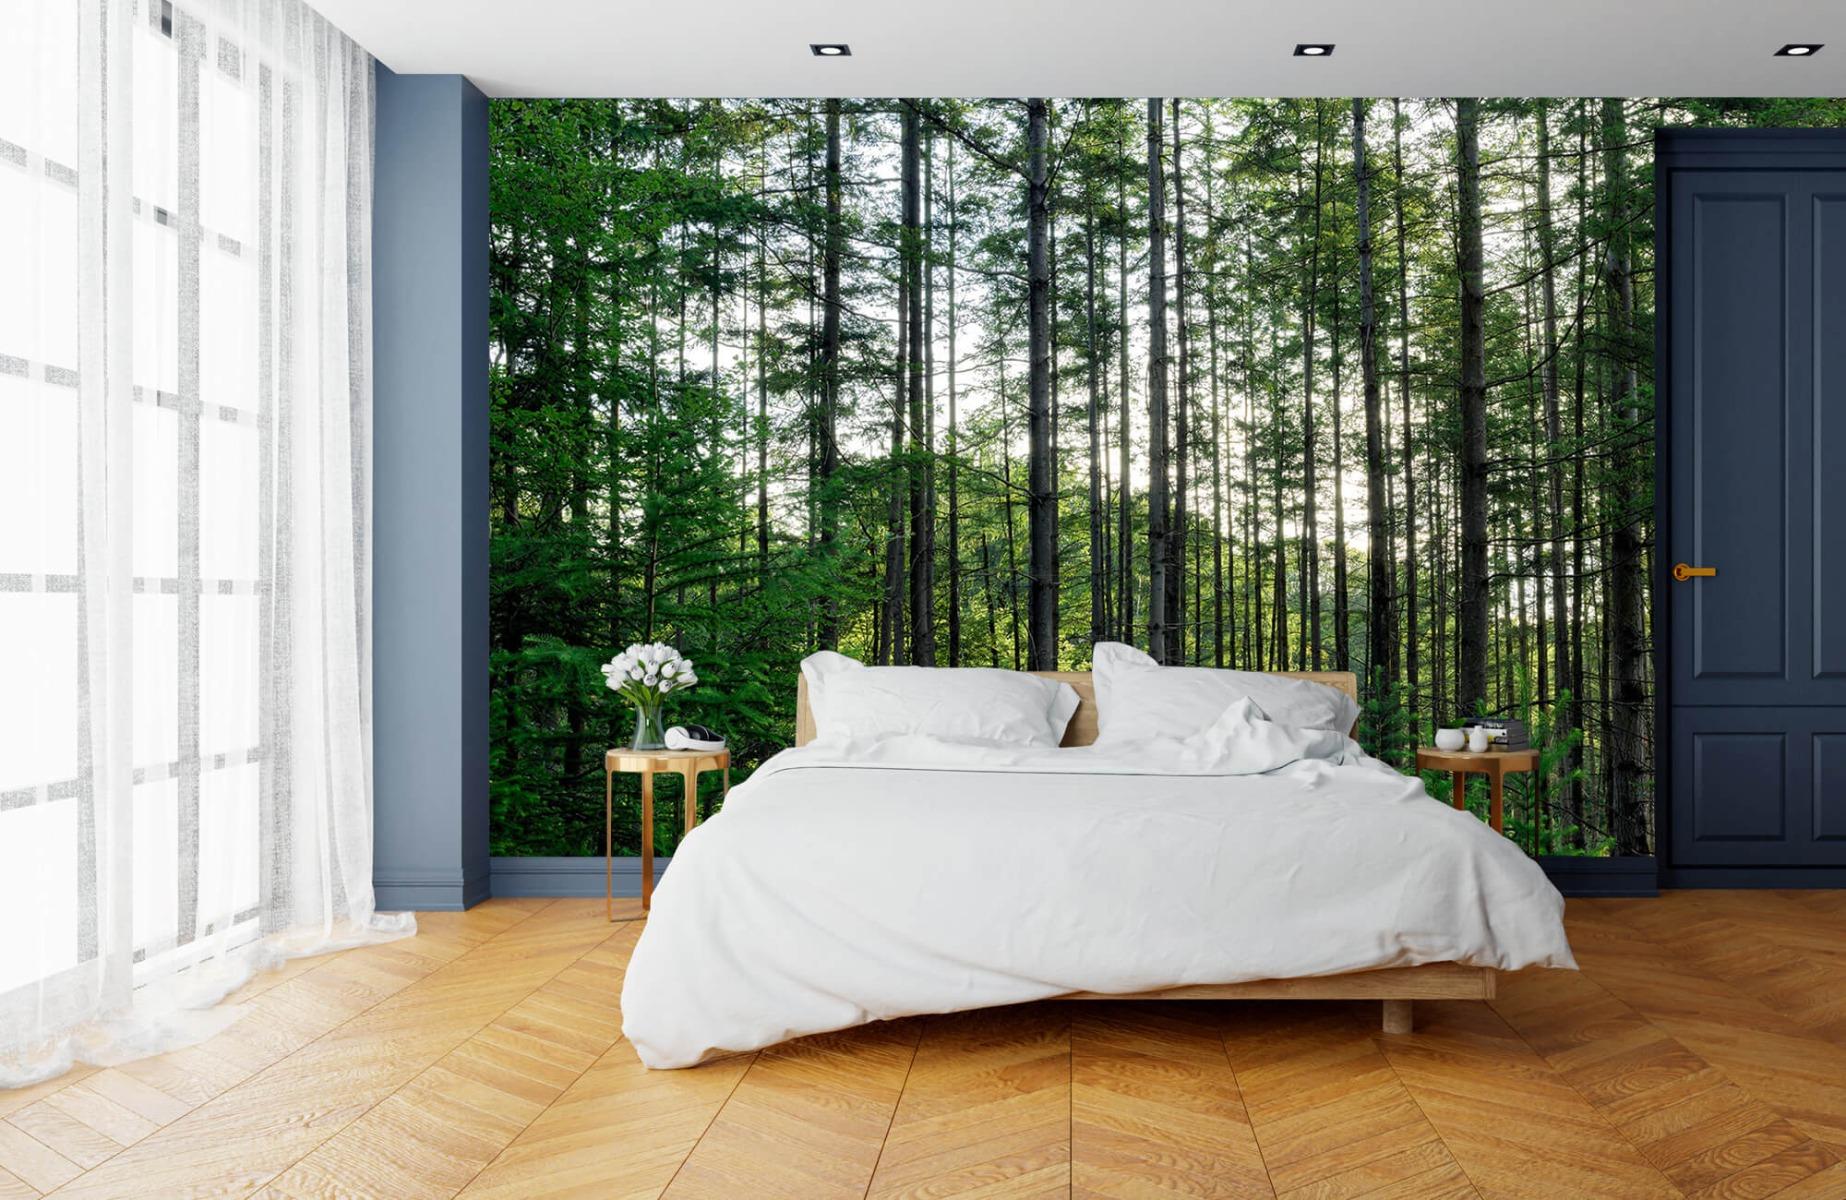 Bos behang - Gedetailleerd bos - Wallexclusive - Slaapkamer 15